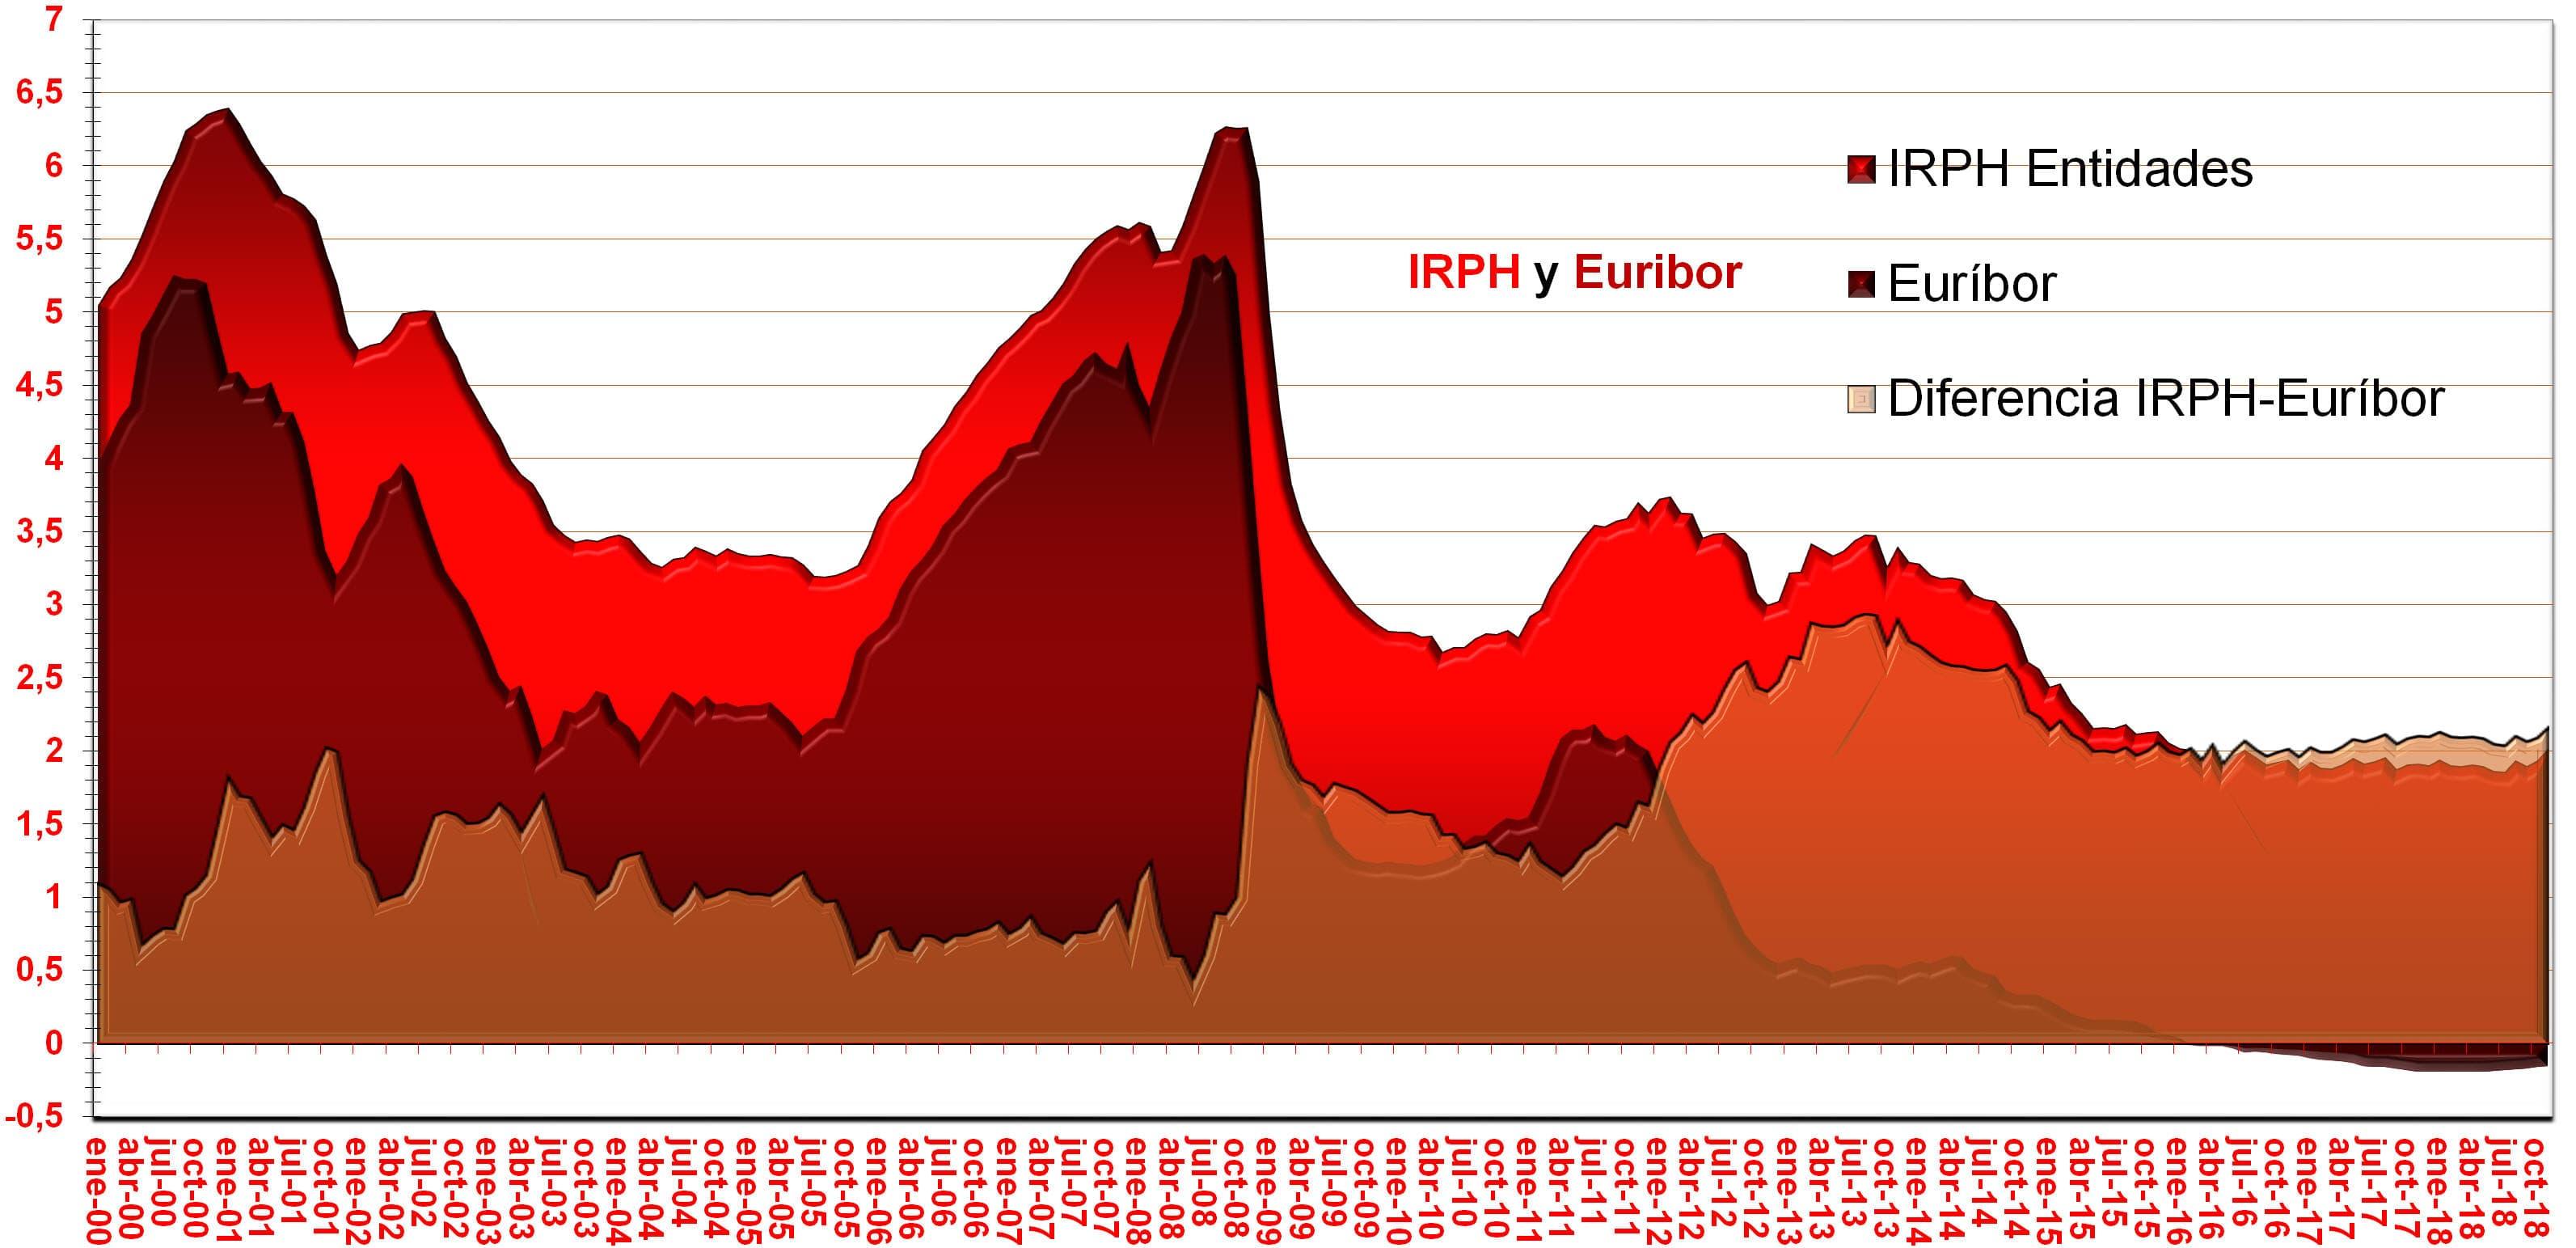 Gráfico histórico del IRPH Entidades y del Euríbor y de la diferencia entre los valores del IRPH y los valores del Euribor